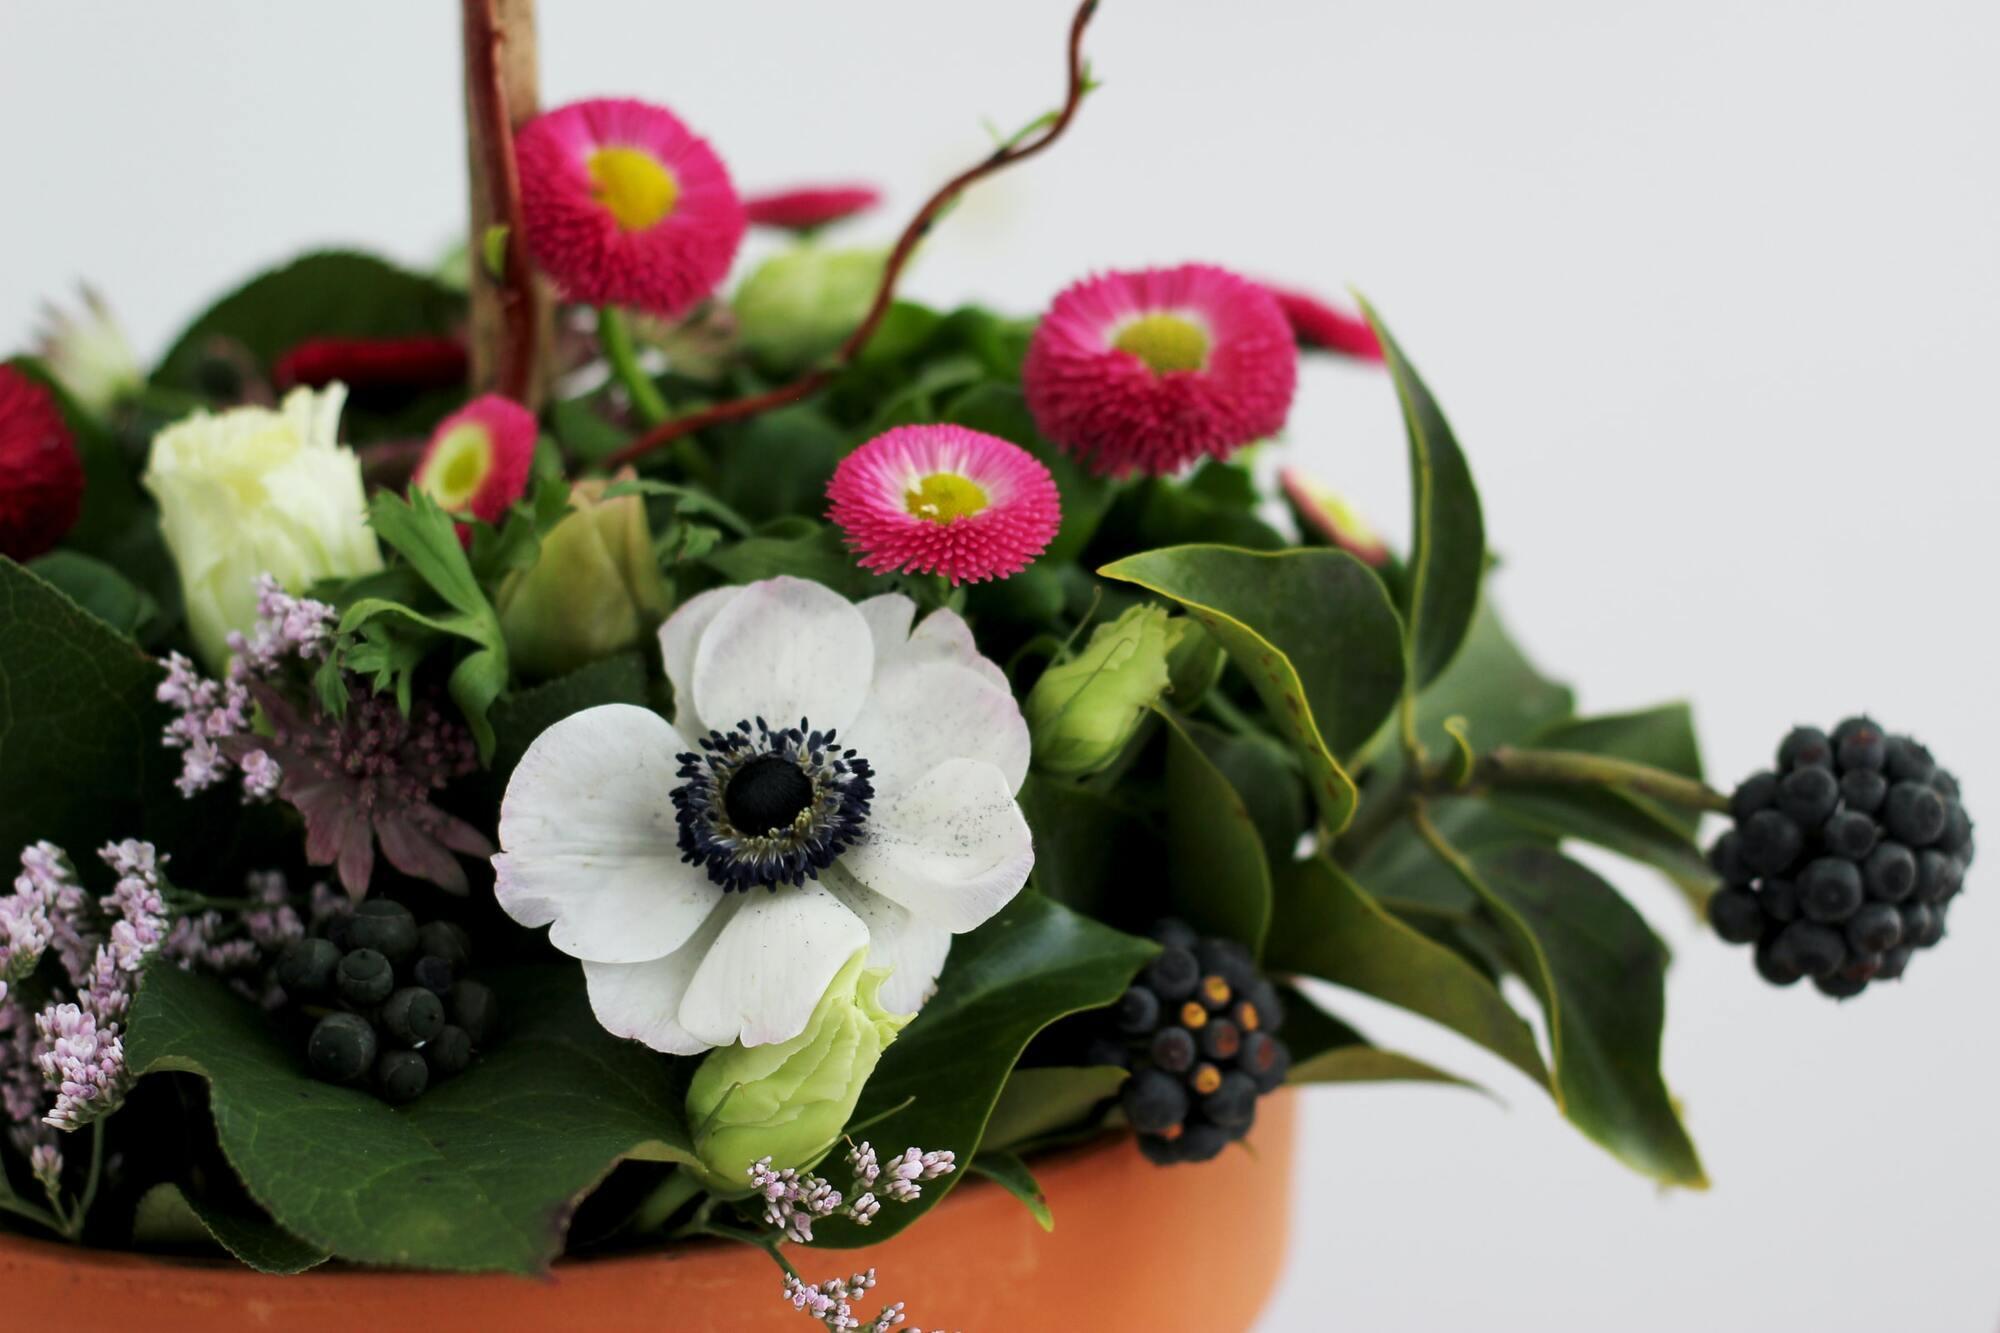 Один из вариантов подарка ко Дню матери – комнатное растение